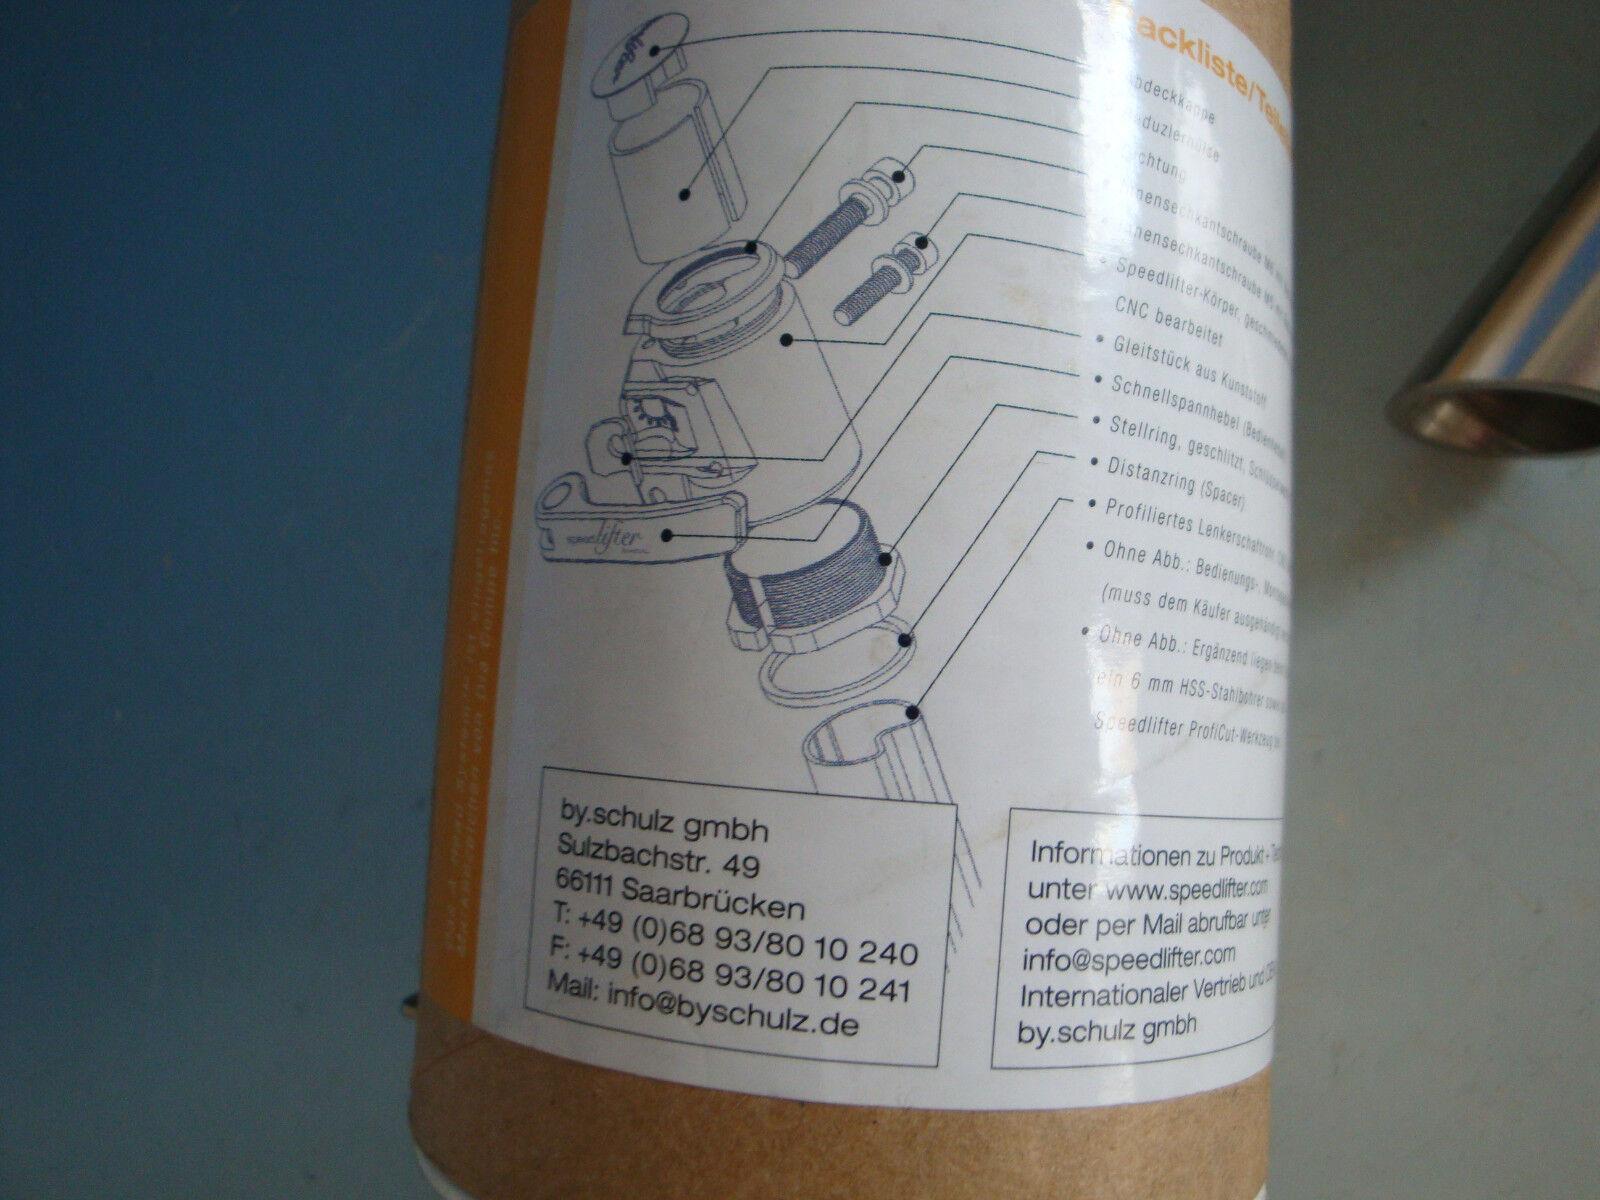 A018-375  speedlifter Profi cut herramienta herramienta herramienta single Boxed horquilla caña Caña t100 5a6d80